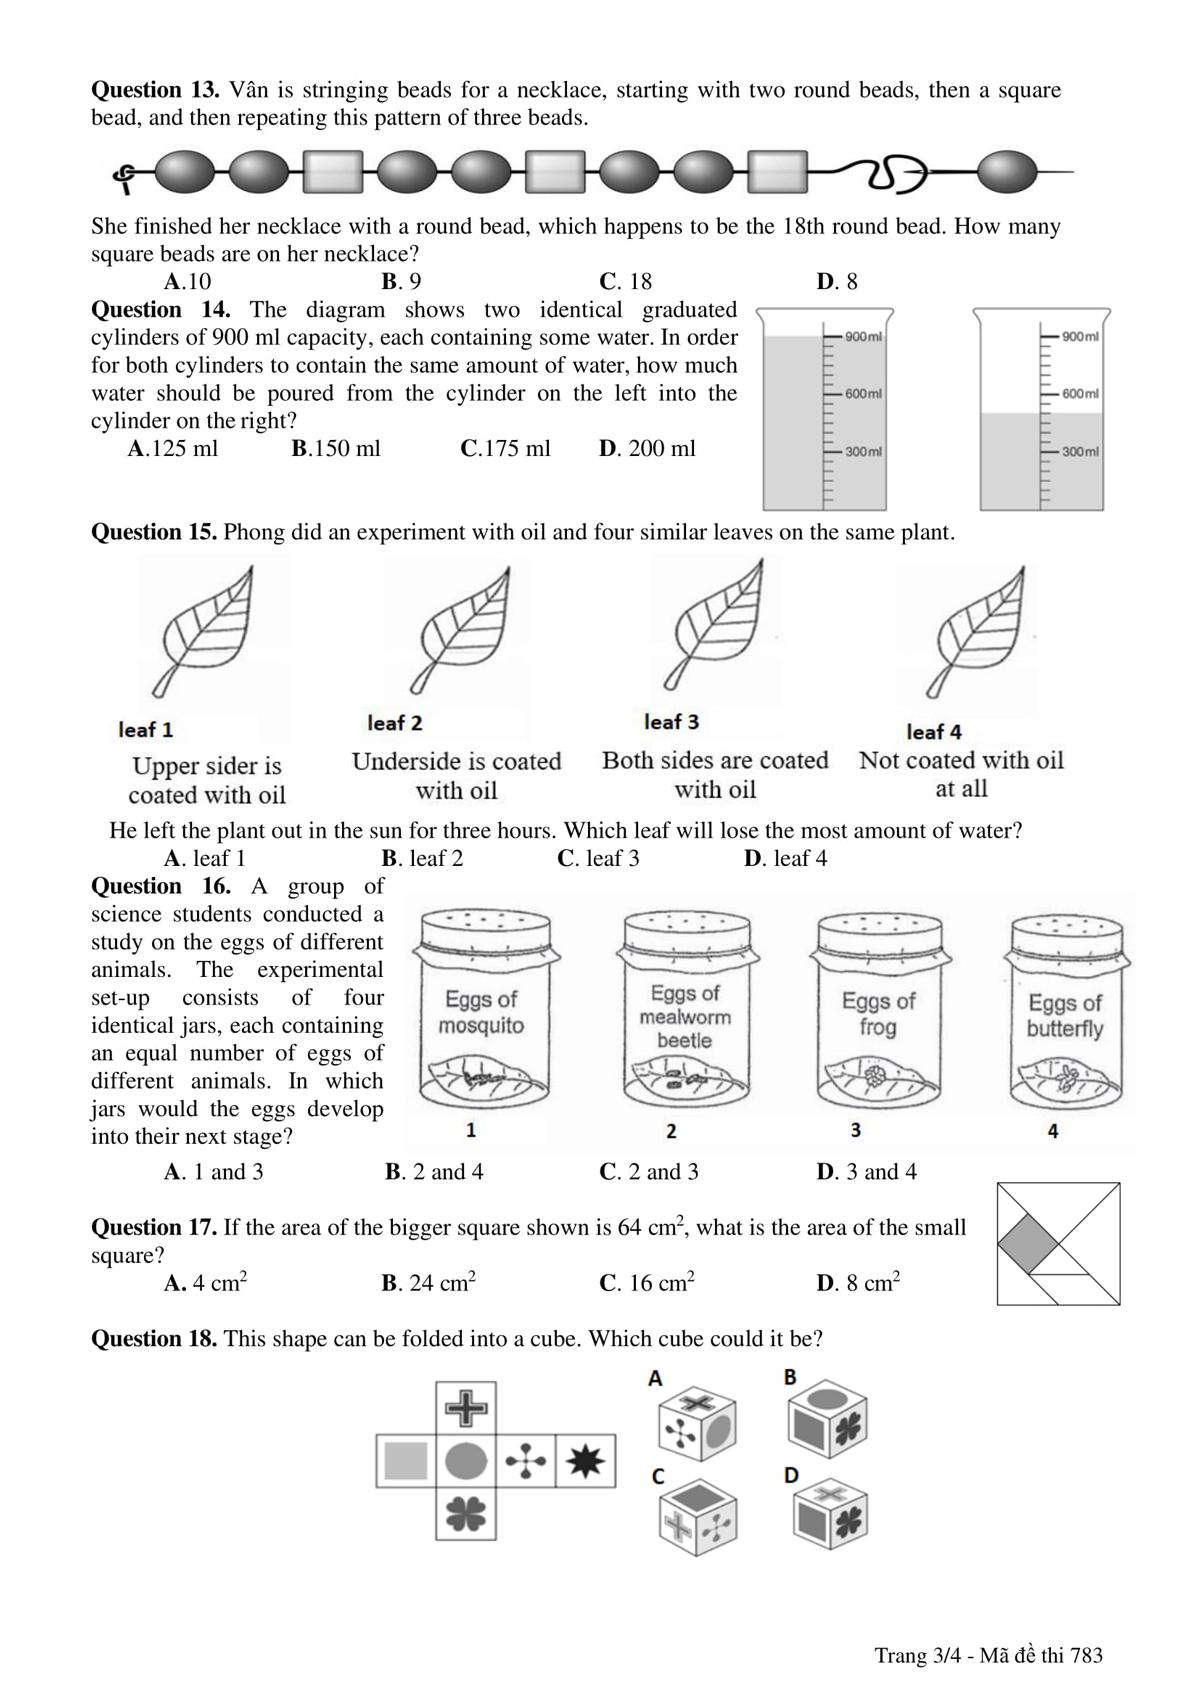 Đề và đáp án bài thi vào lớp 6 trường THPT chuyên Trần Đại Nghĩa - 6